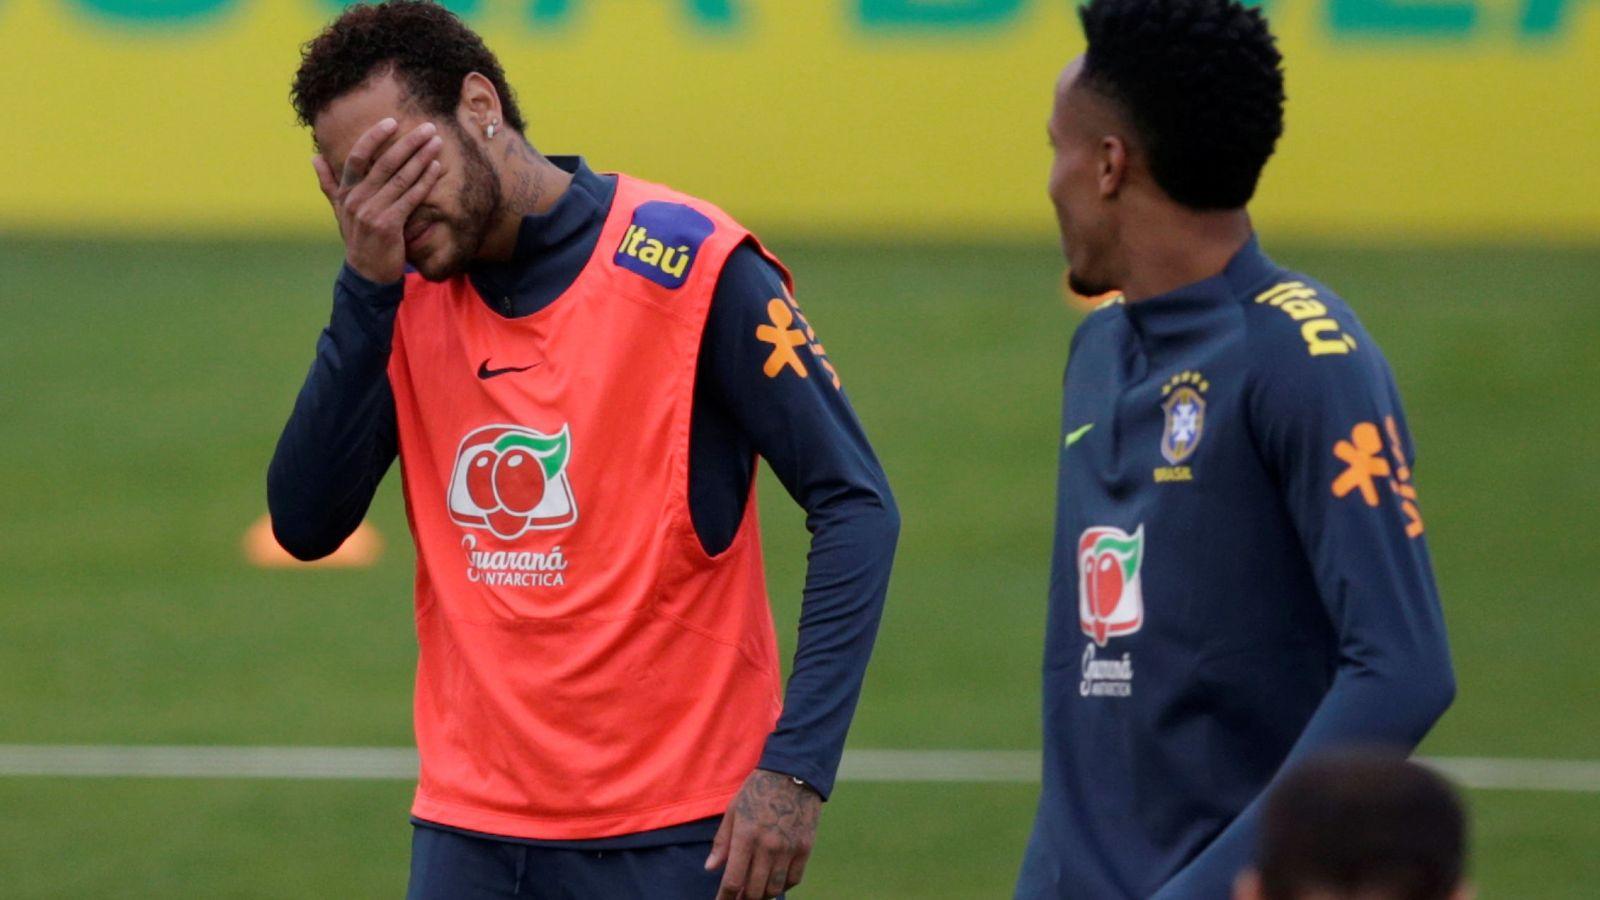 Foto: Neymar se lleva la mano a los ojos para taparse la cara durante el entrenamiento con la Selección brasileña. (EFE)